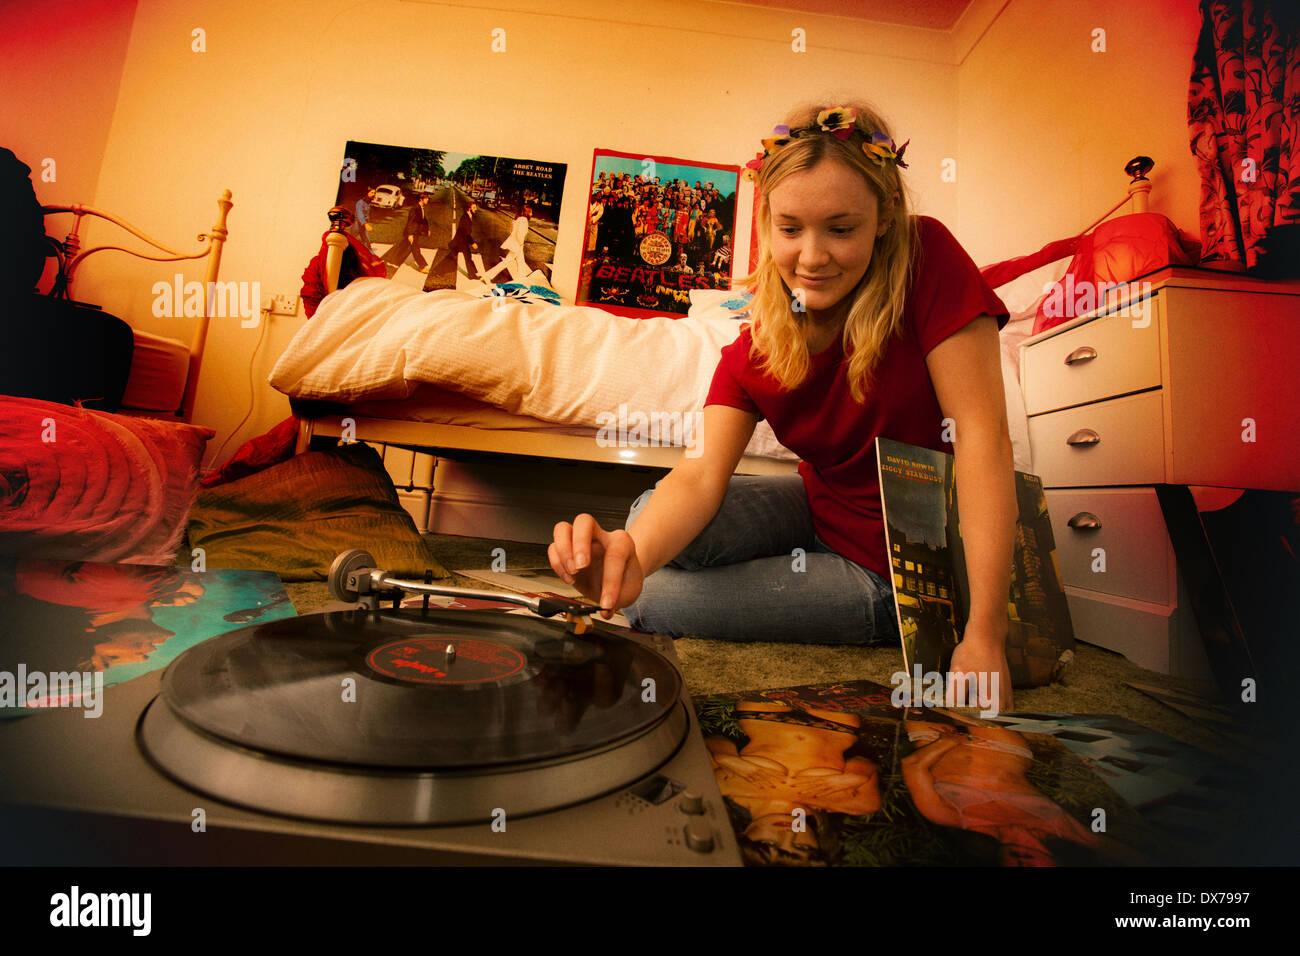 Bedroom Floor Vinyl